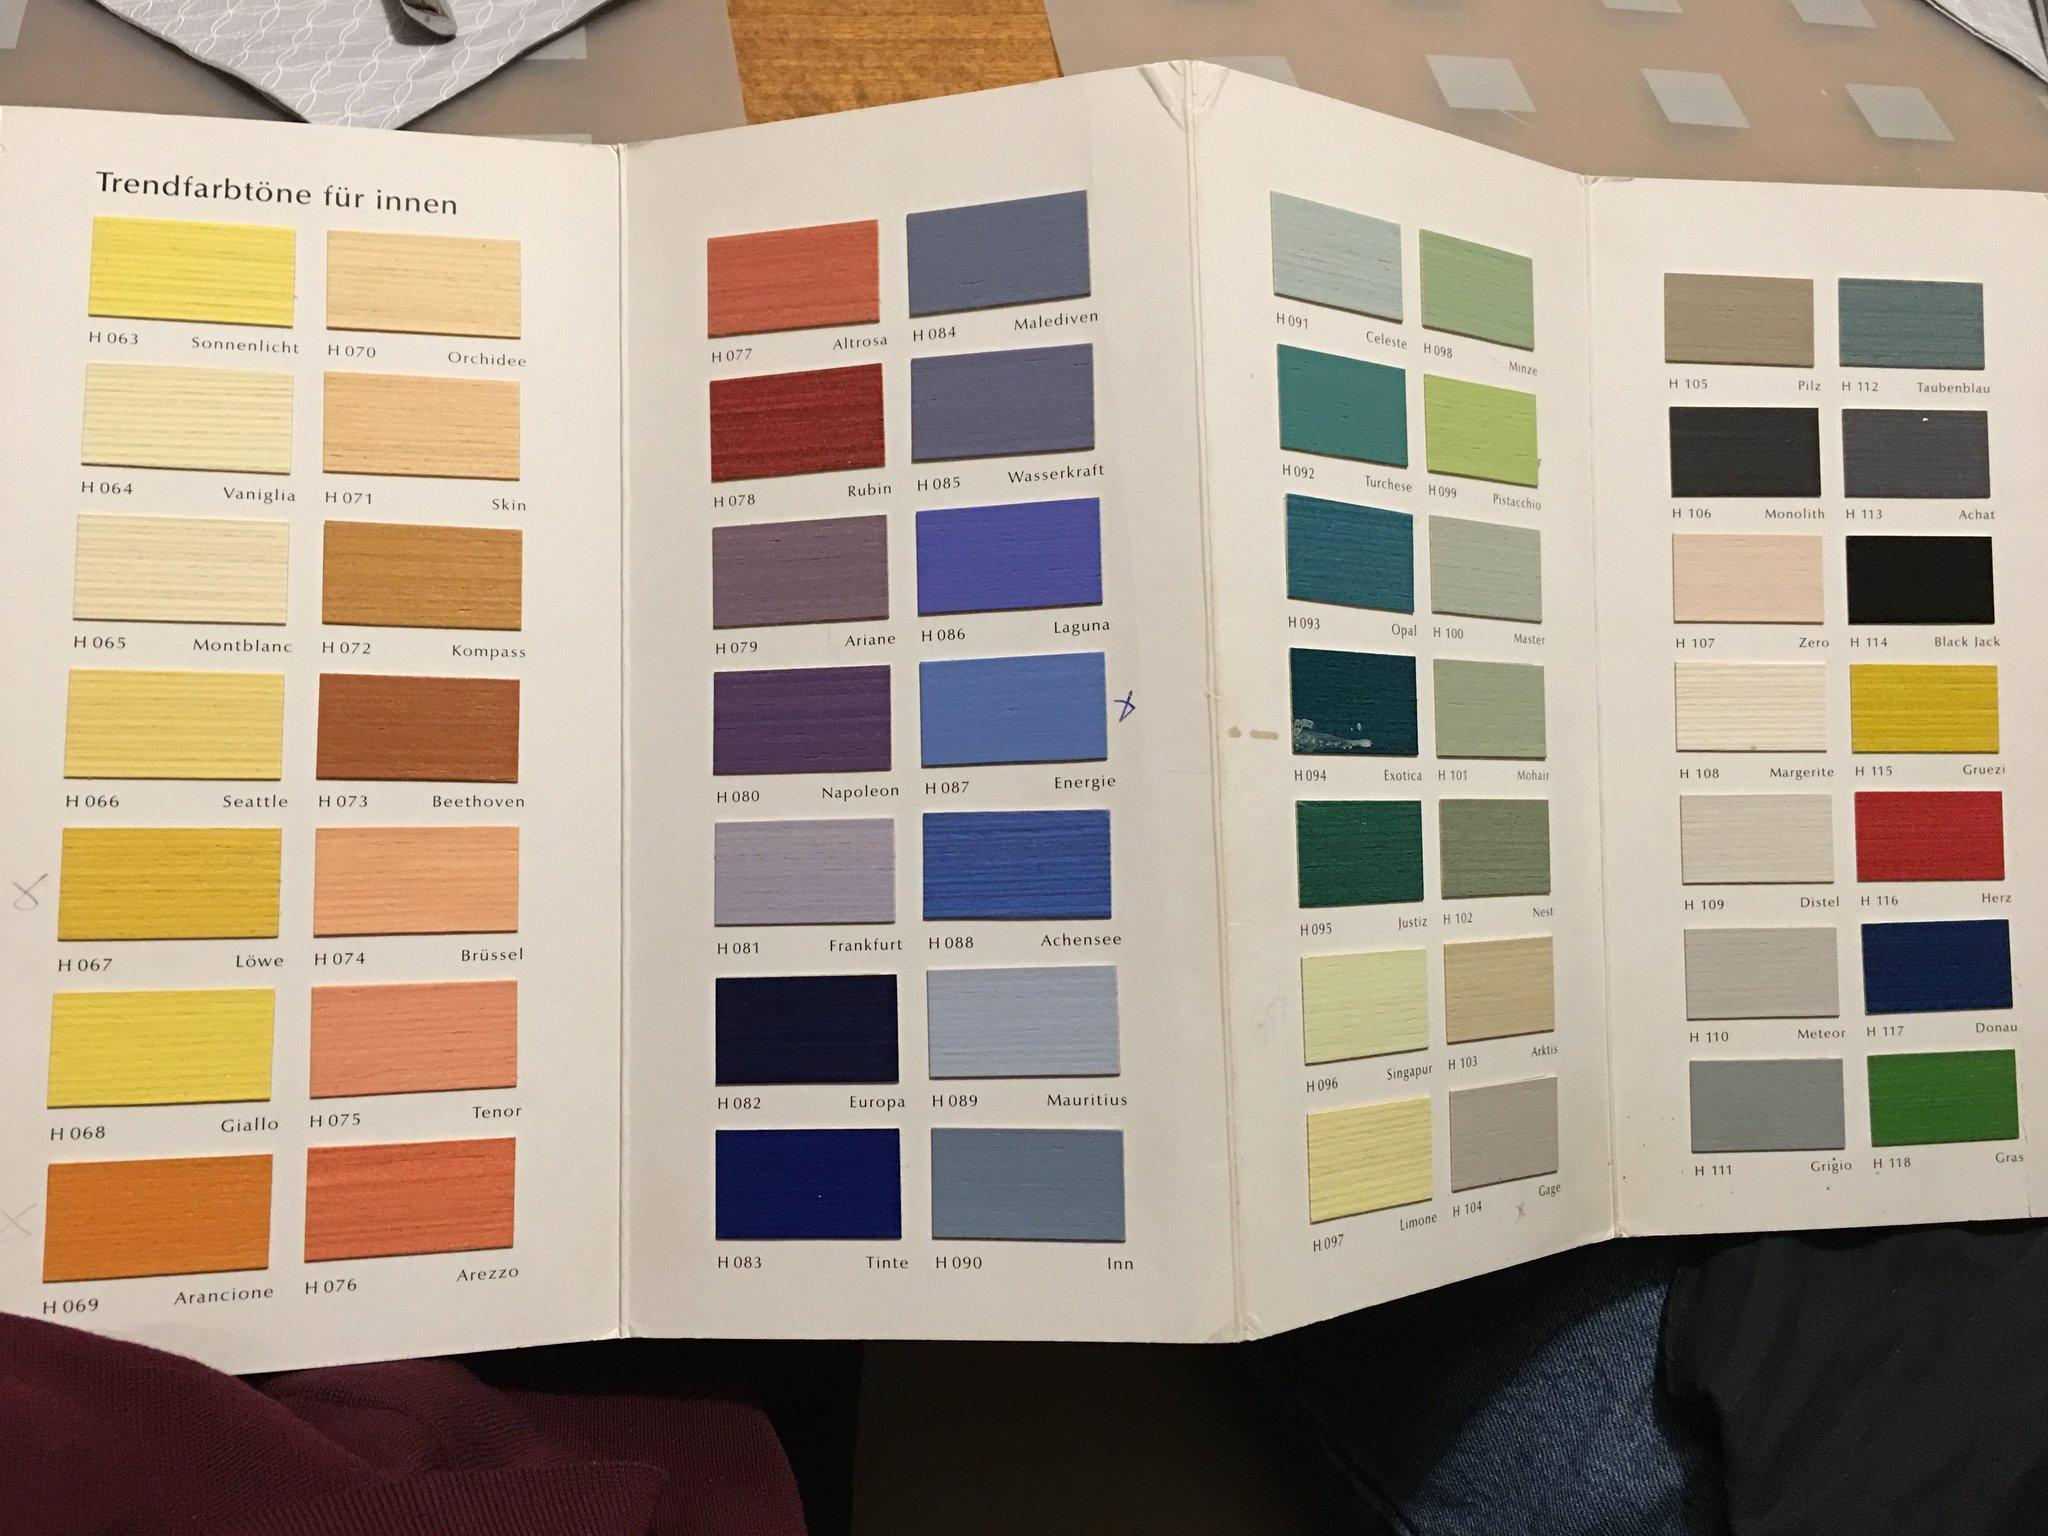 So, und welche Farbe nehmen wir jetzt?? #meurers https://t.co/RFMjNRo0dQ